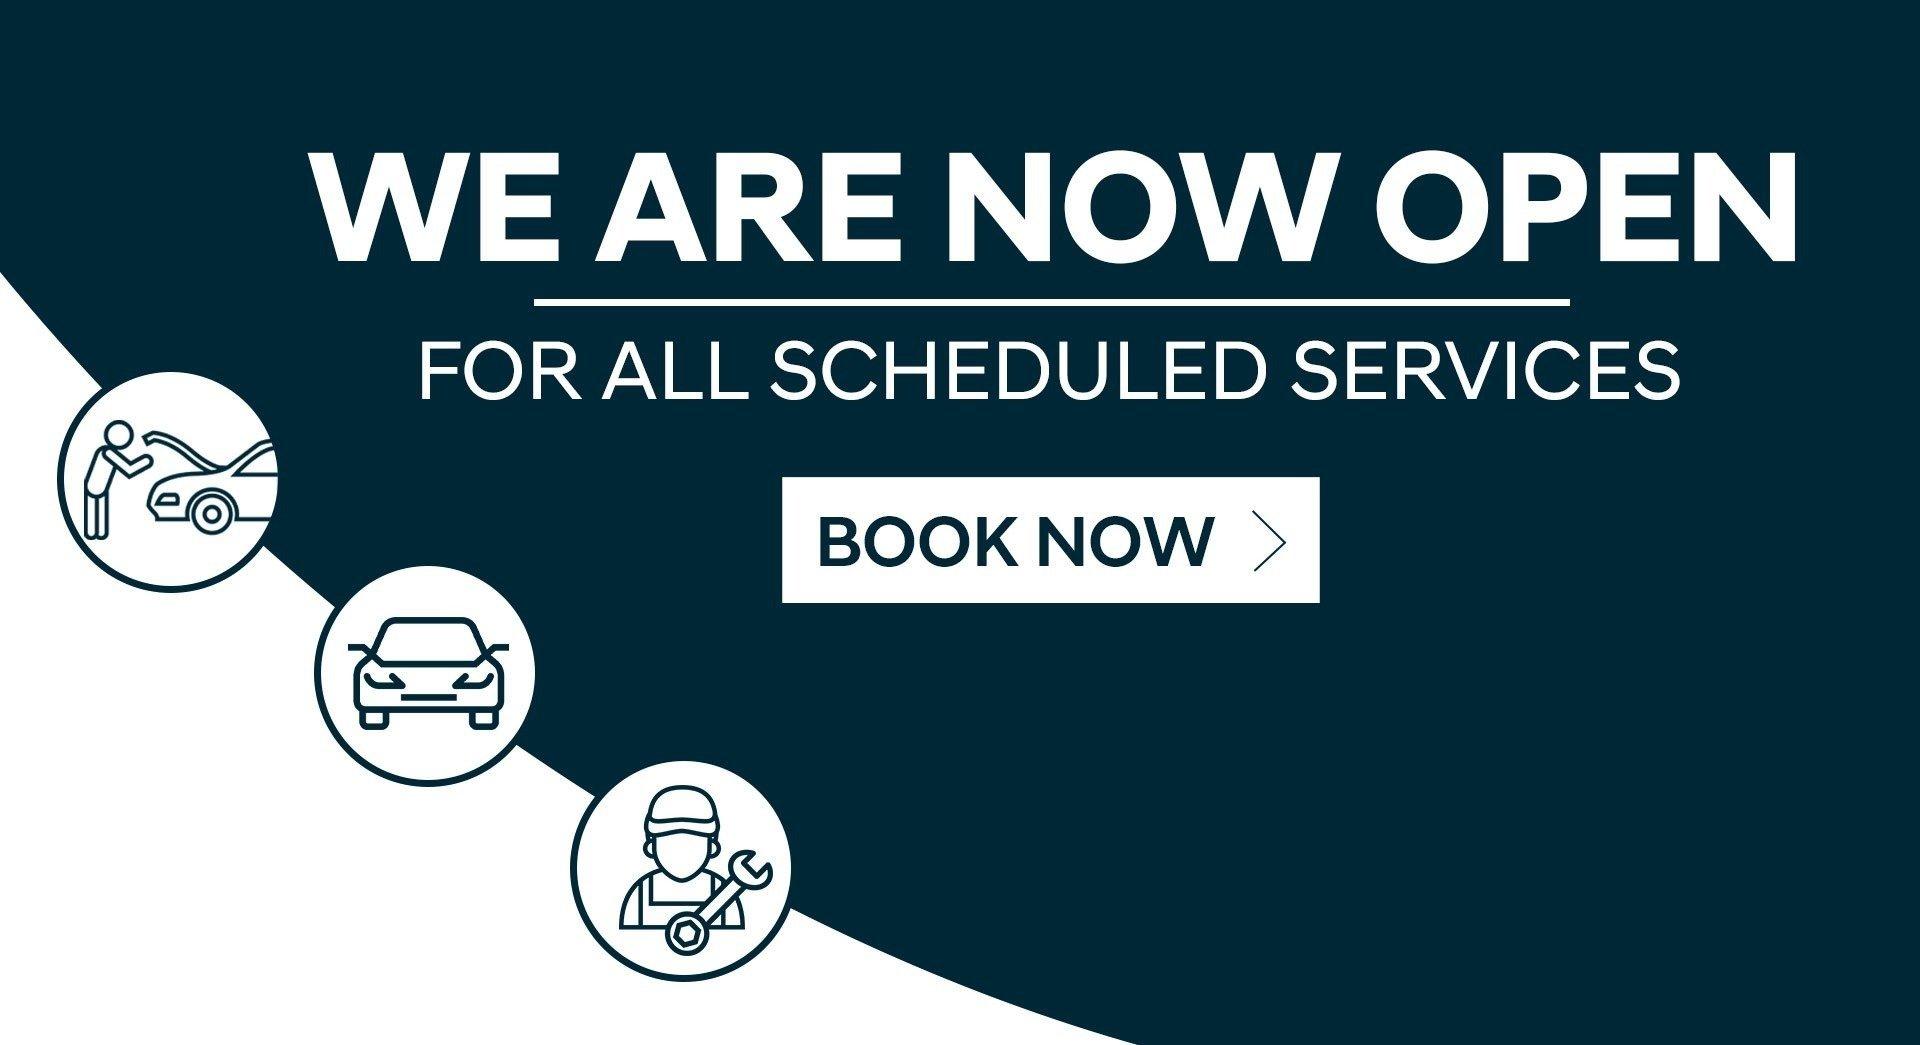 Booran Suzuki Service - Yes we are open